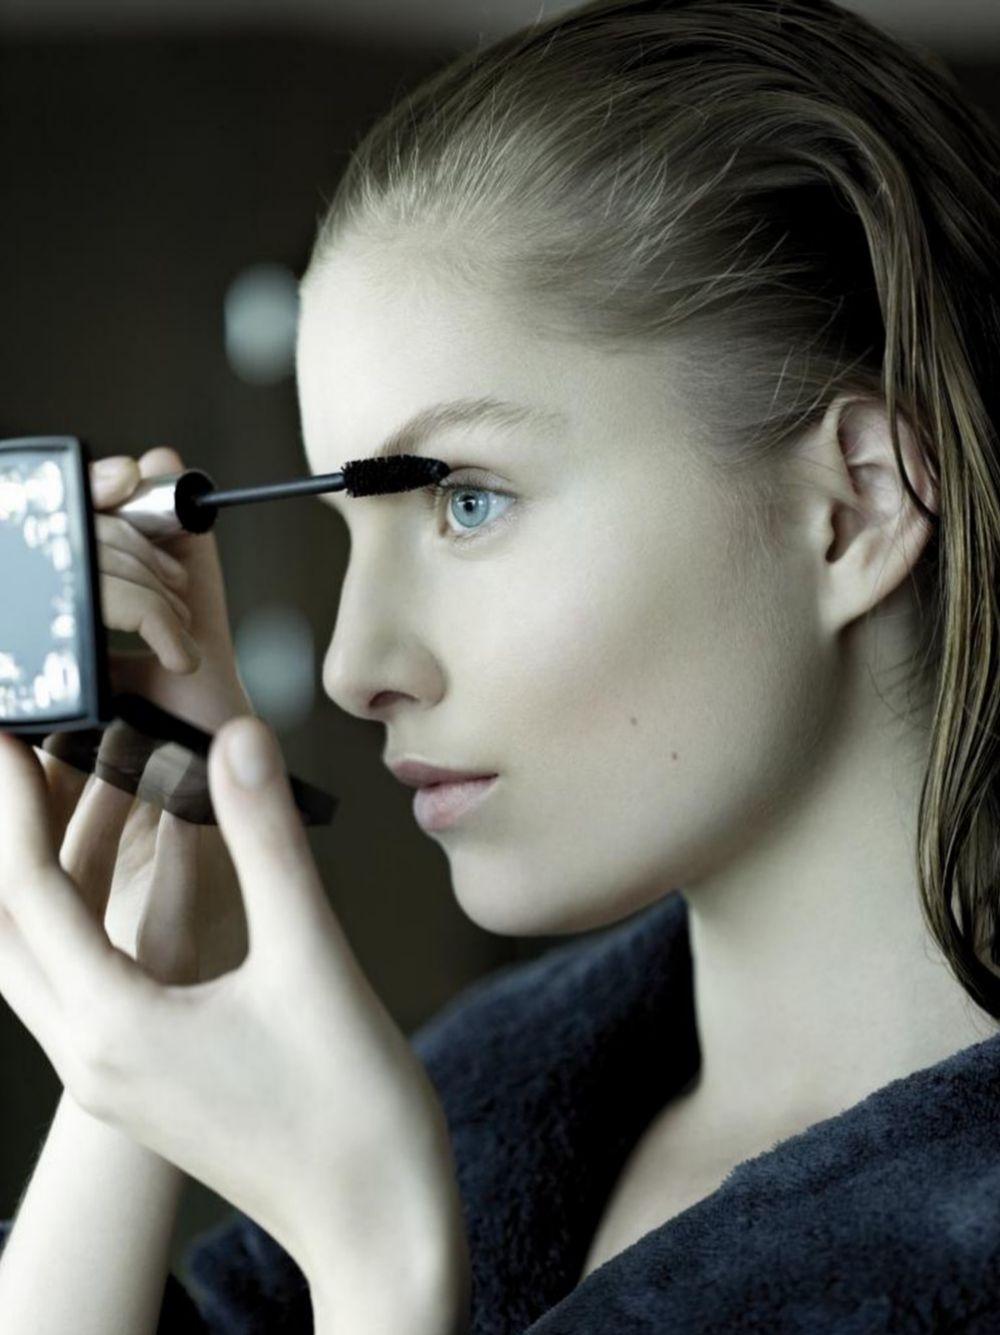 La mirada es la absoluta protagonista de la mirada, y mucho más en tiempo de mascarilla.